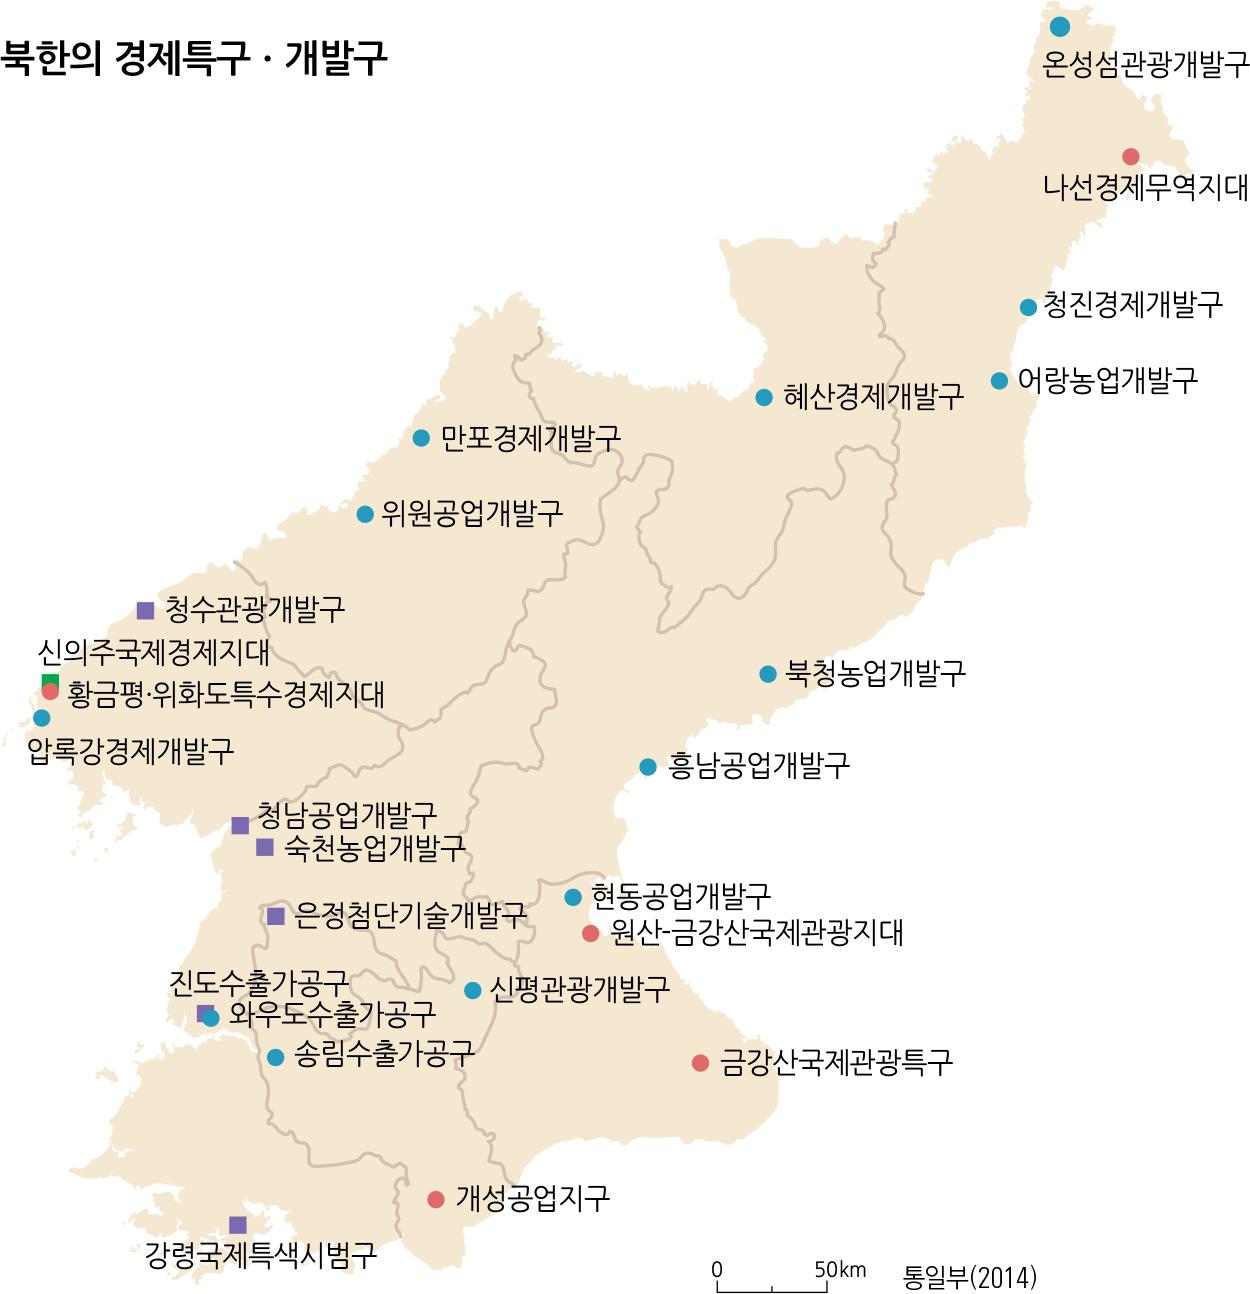 북한의 경제특구ᆞ개발구